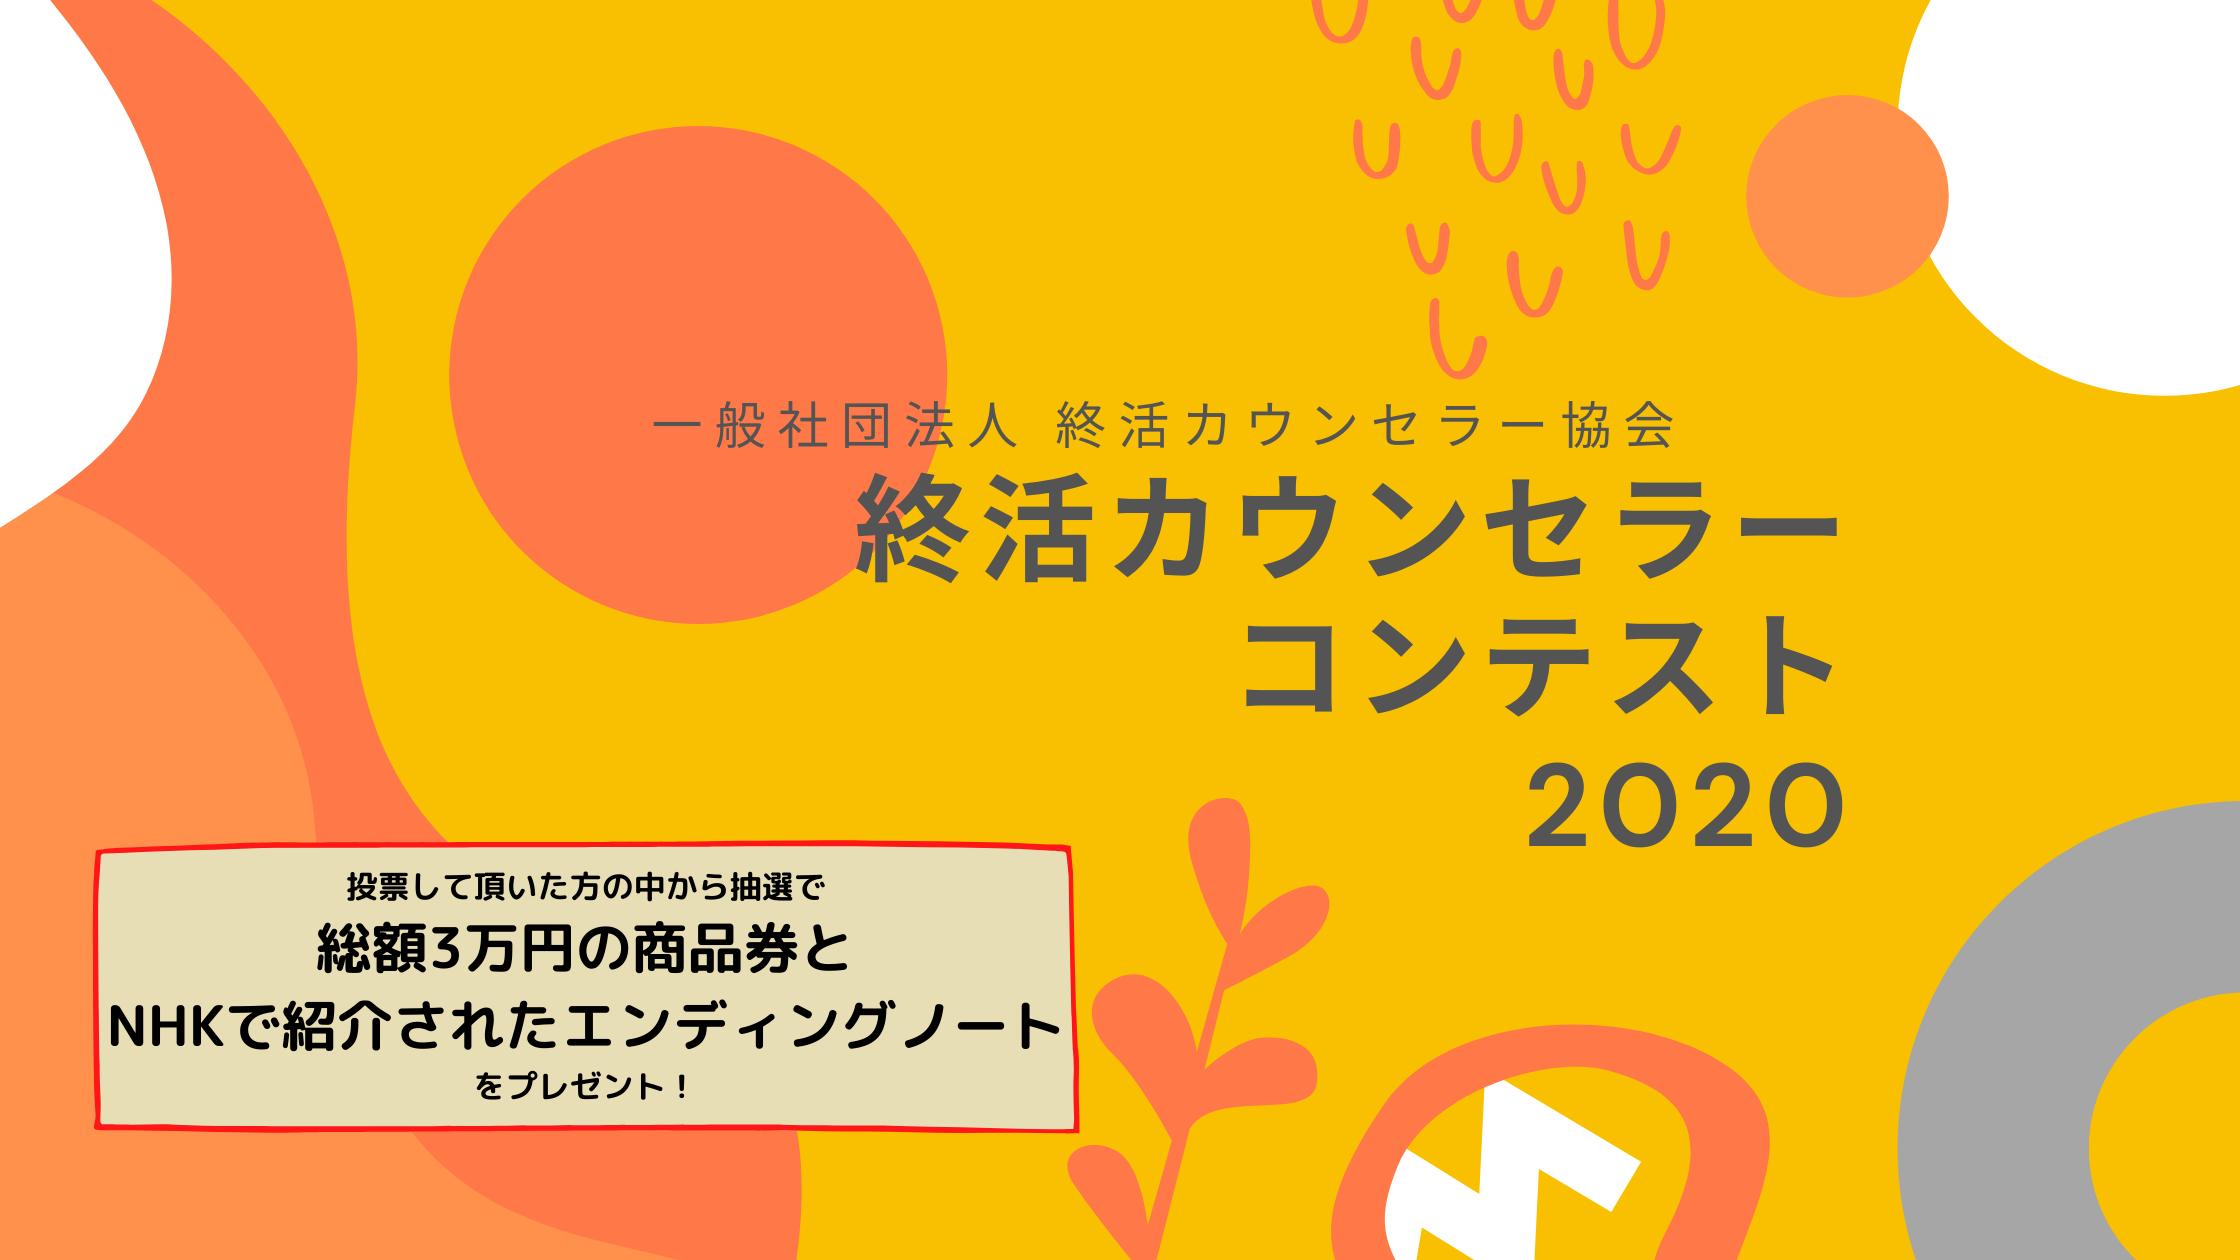 第1回 終活カウンセラー コンテスト-1